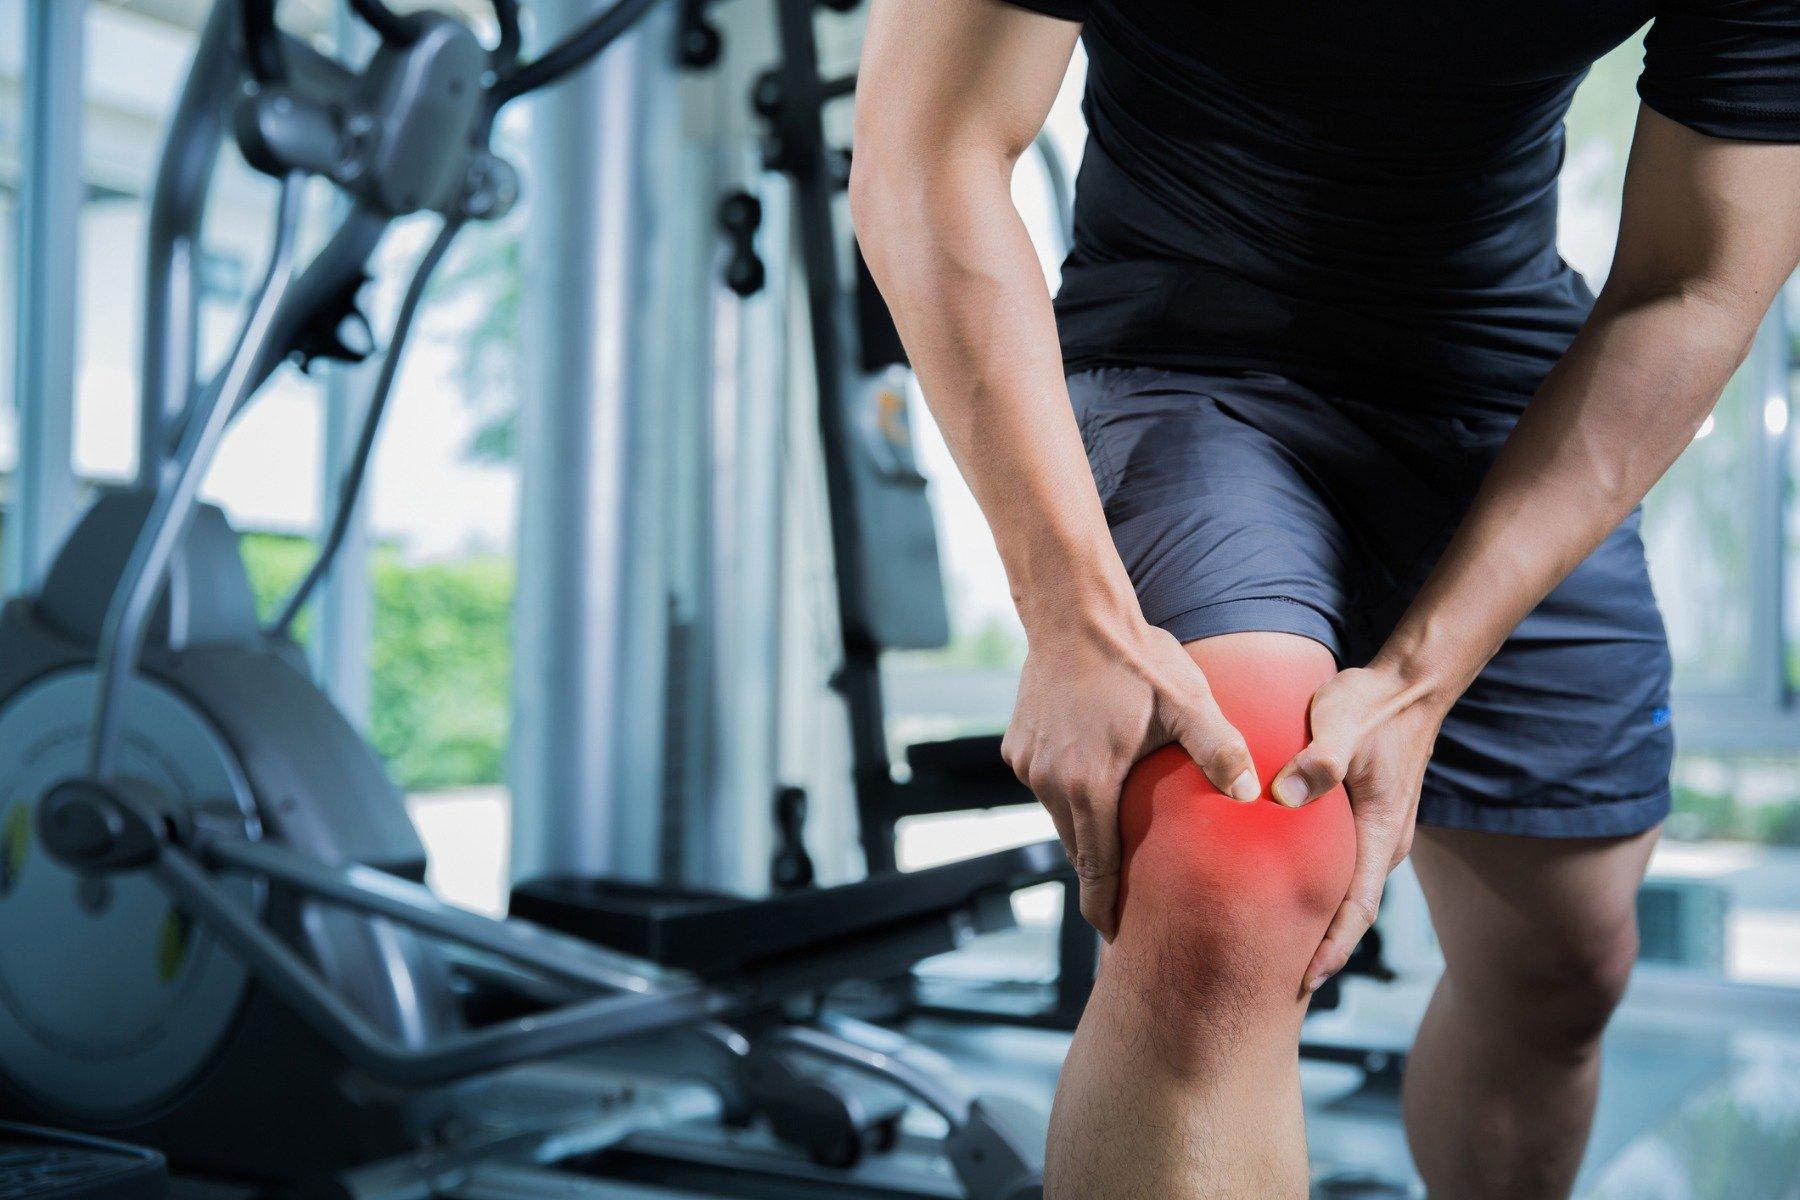 térdízület osteoporosis okai és kezelése